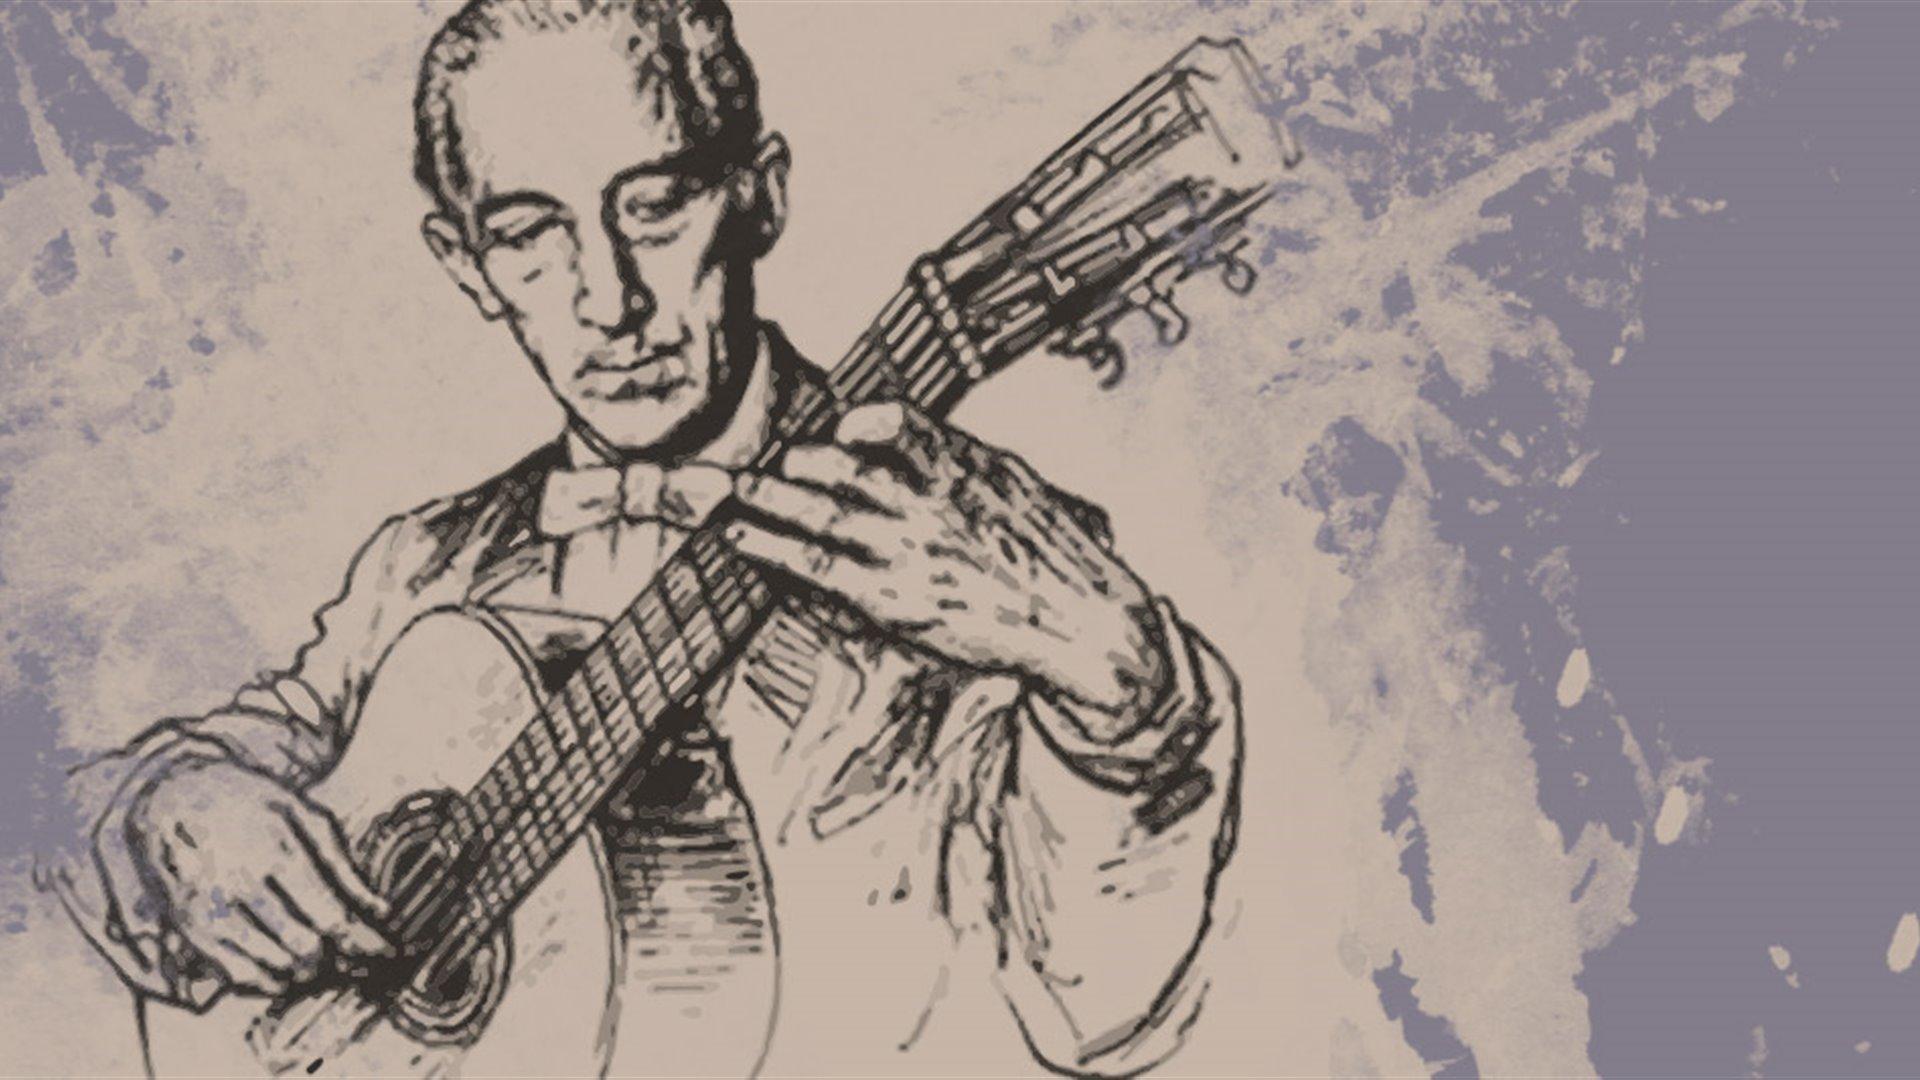 Concierto especial 3. Homenaje a Regino Sainz de la Maza